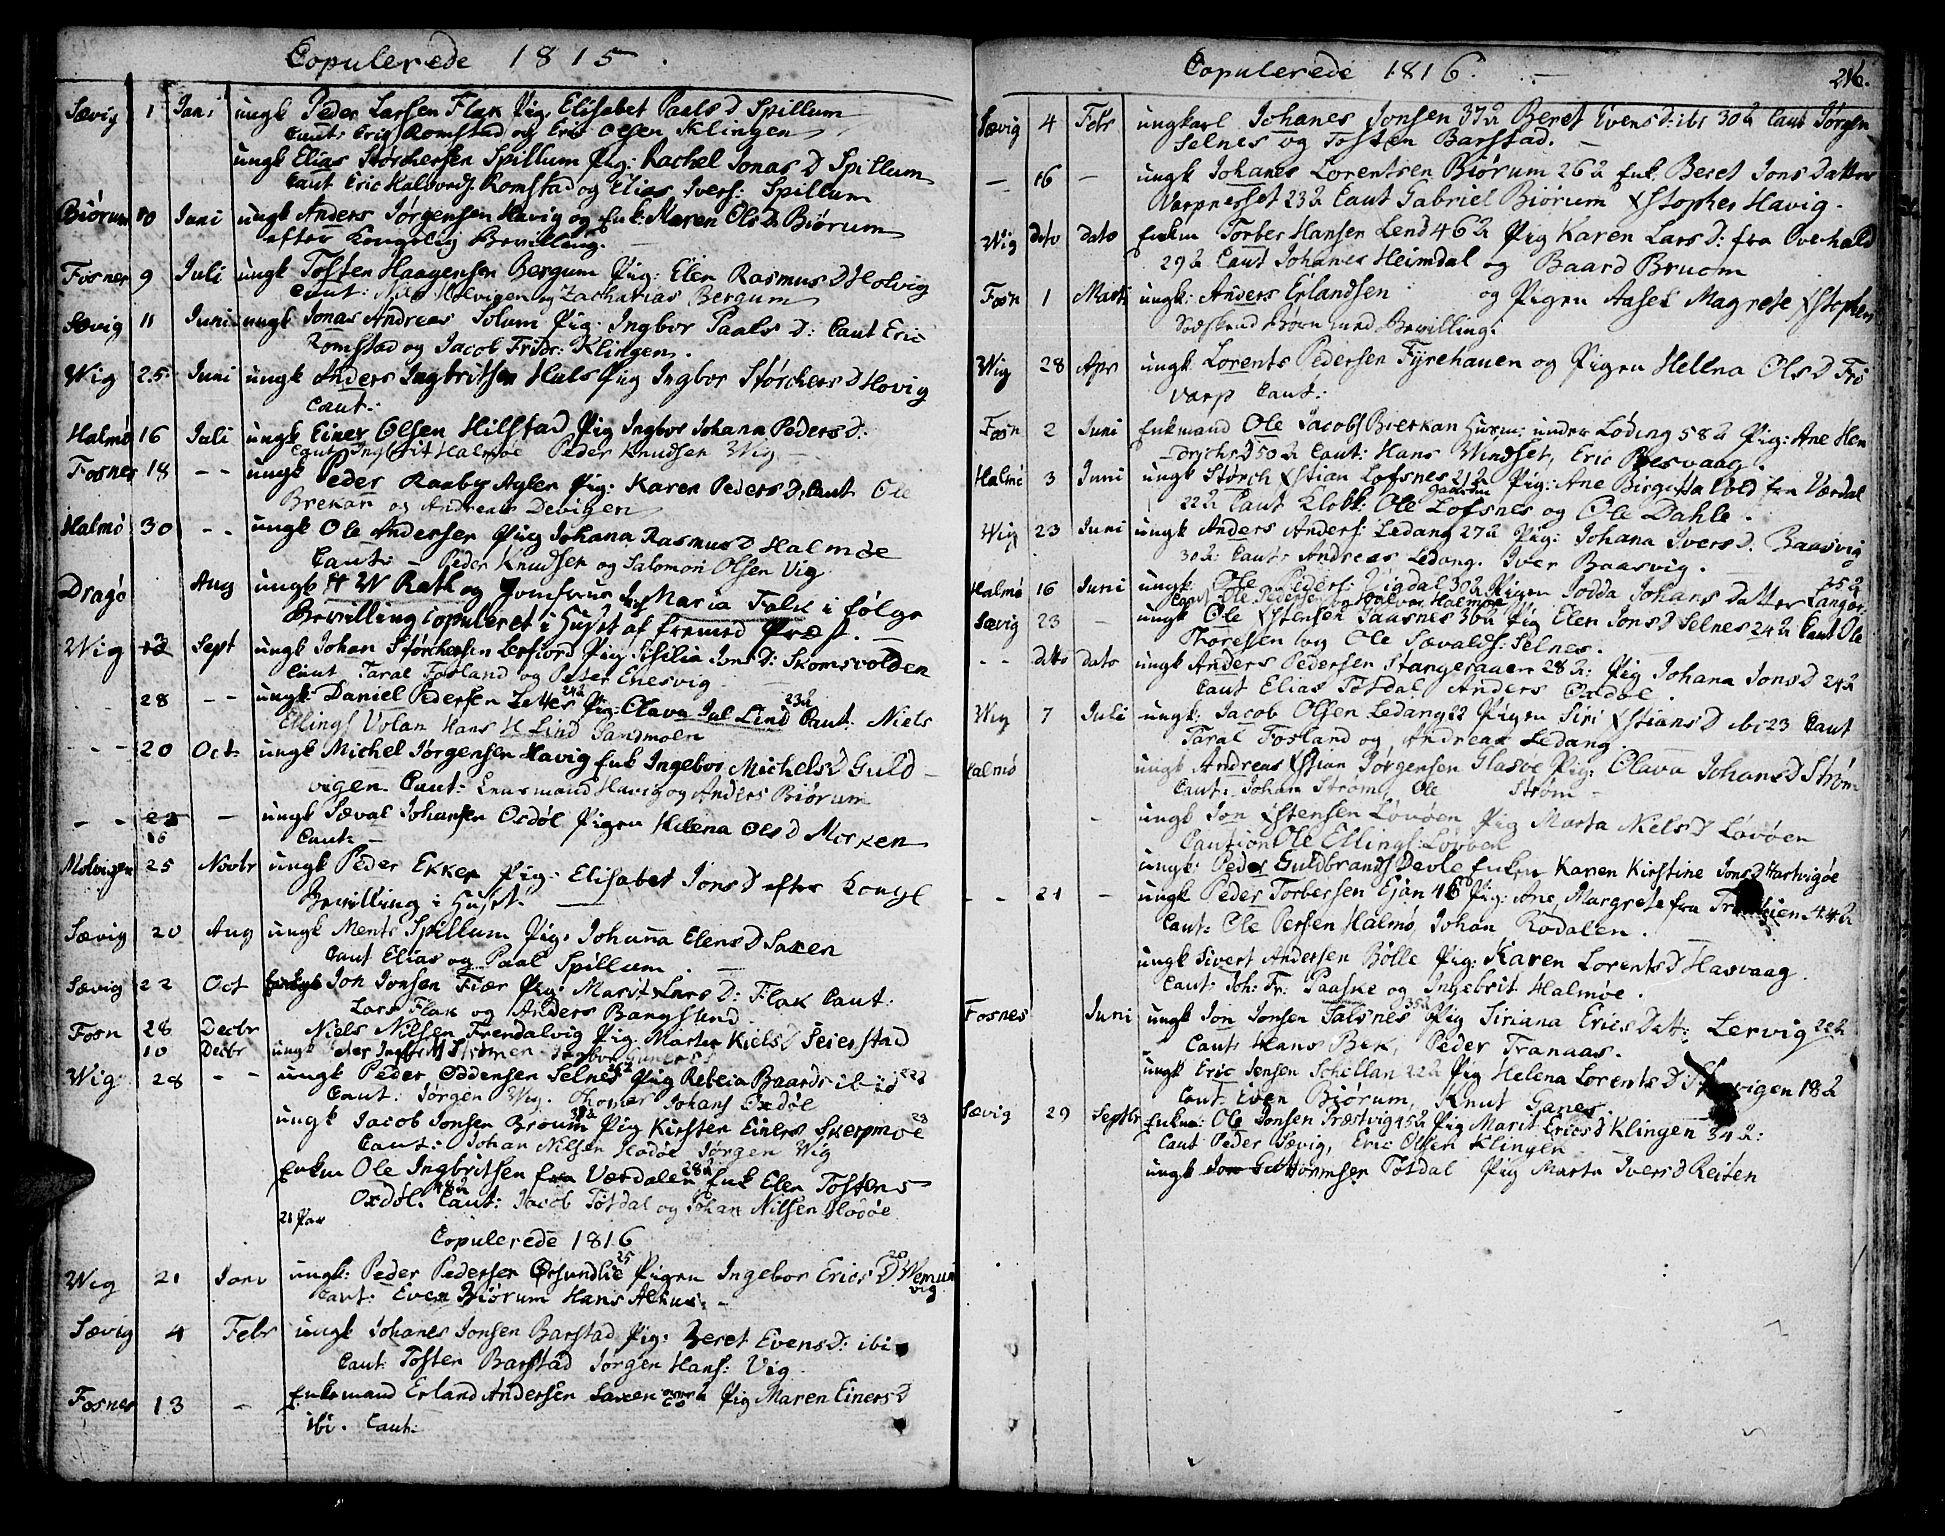 SAT, Ministerialprotokoller, klokkerbøker og fødselsregistre - Nord-Trøndelag, 773/L0608: Ministerialbok nr. 773A02, 1784-1816, s. 216